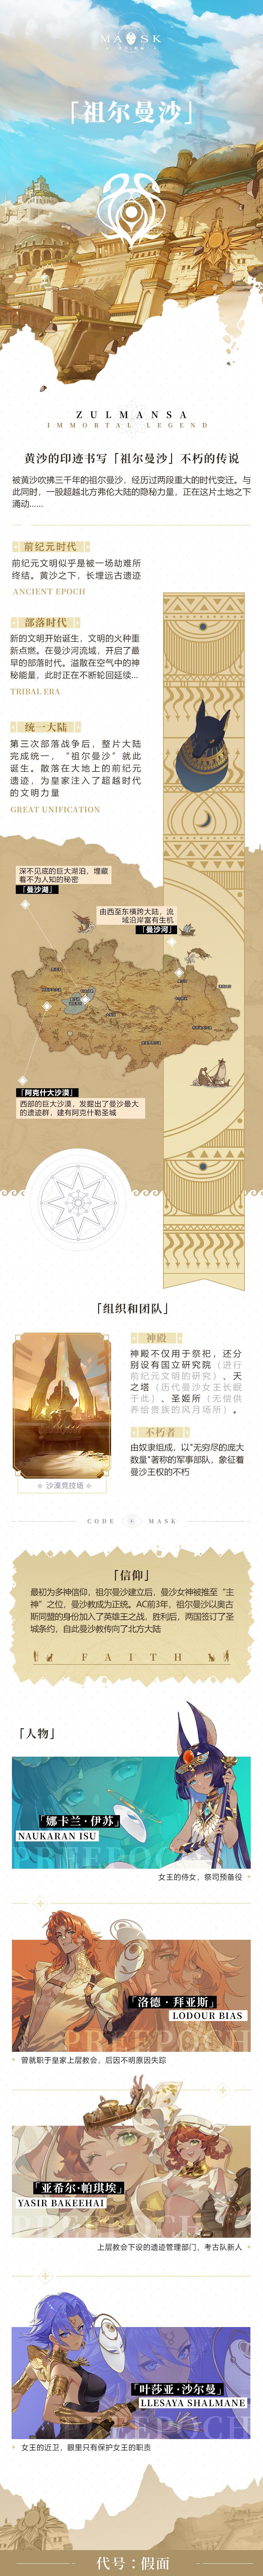 黄沙的印迹书写『祖尔曼沙』不朽的传说